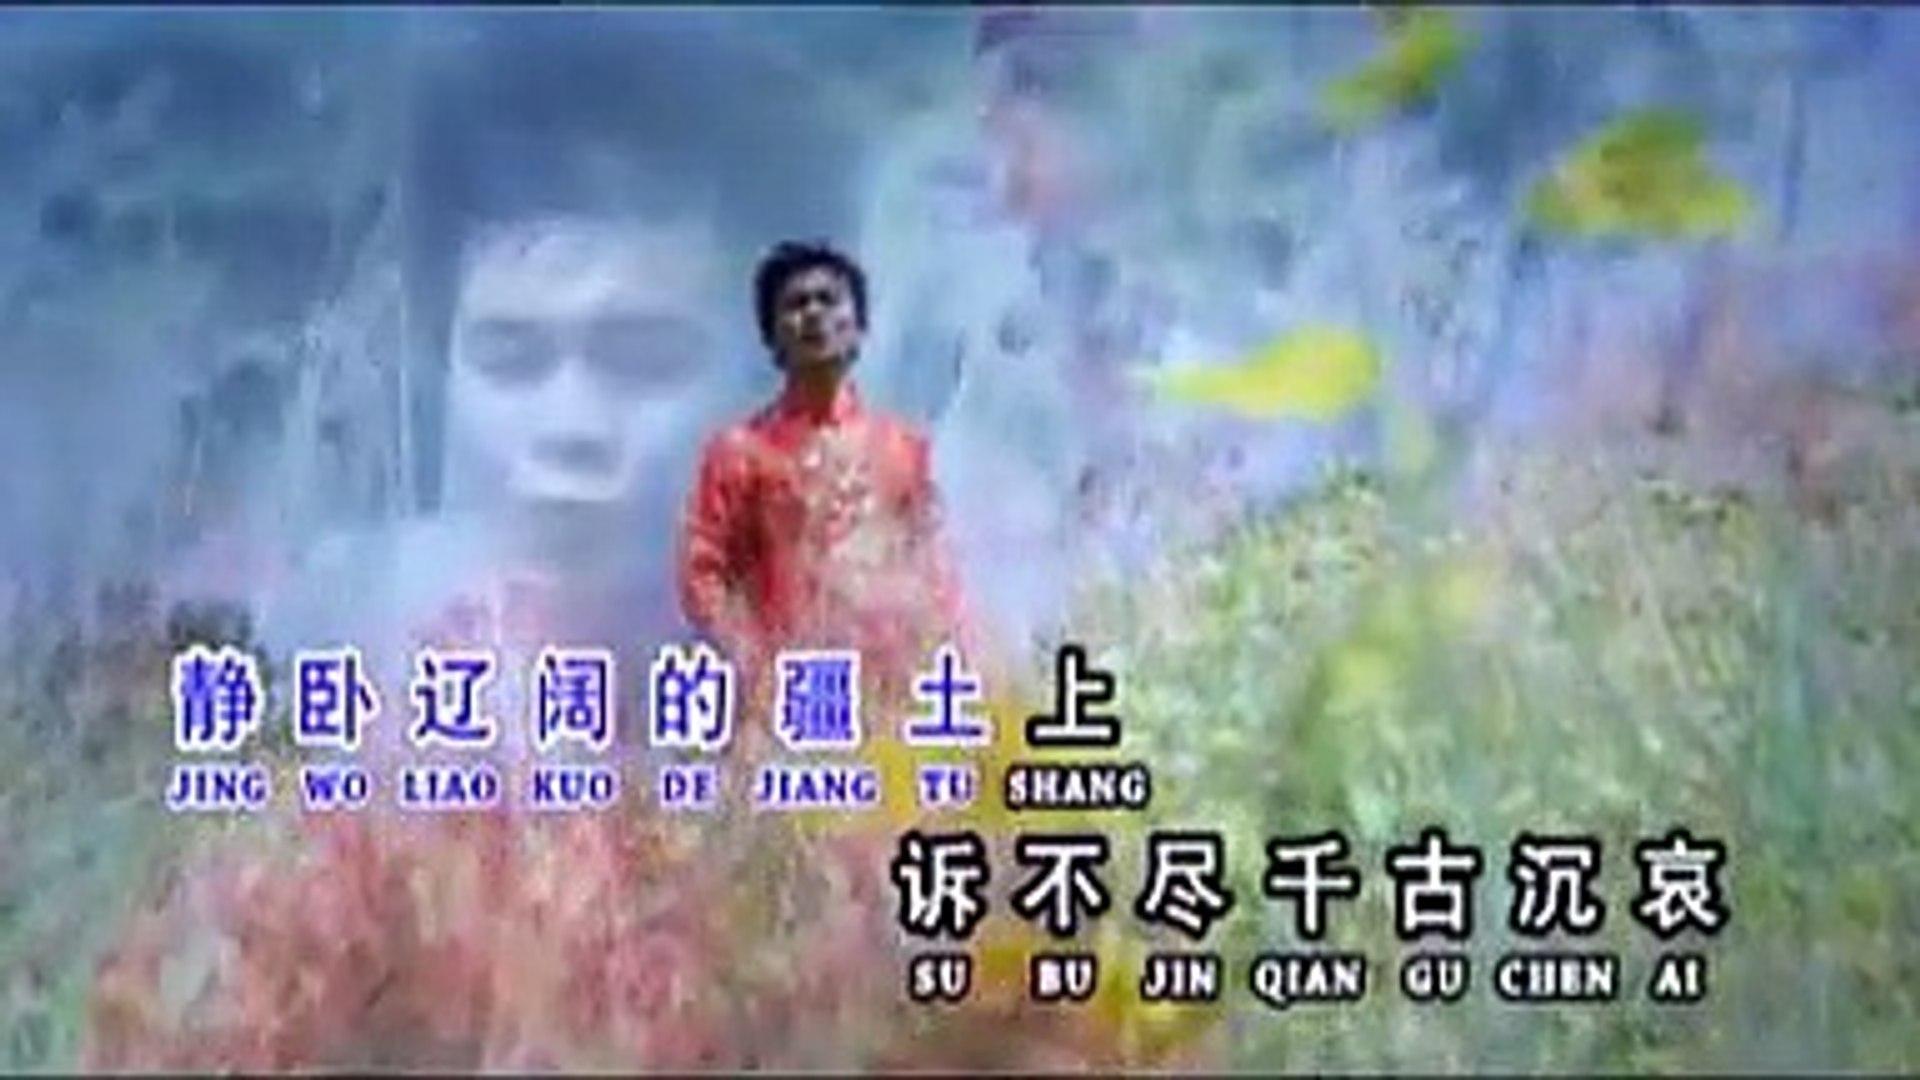 Tham Kuang Fuk -Wan Li Chang Cheng / Shan Nan Shan Bie Zou Yi Hui